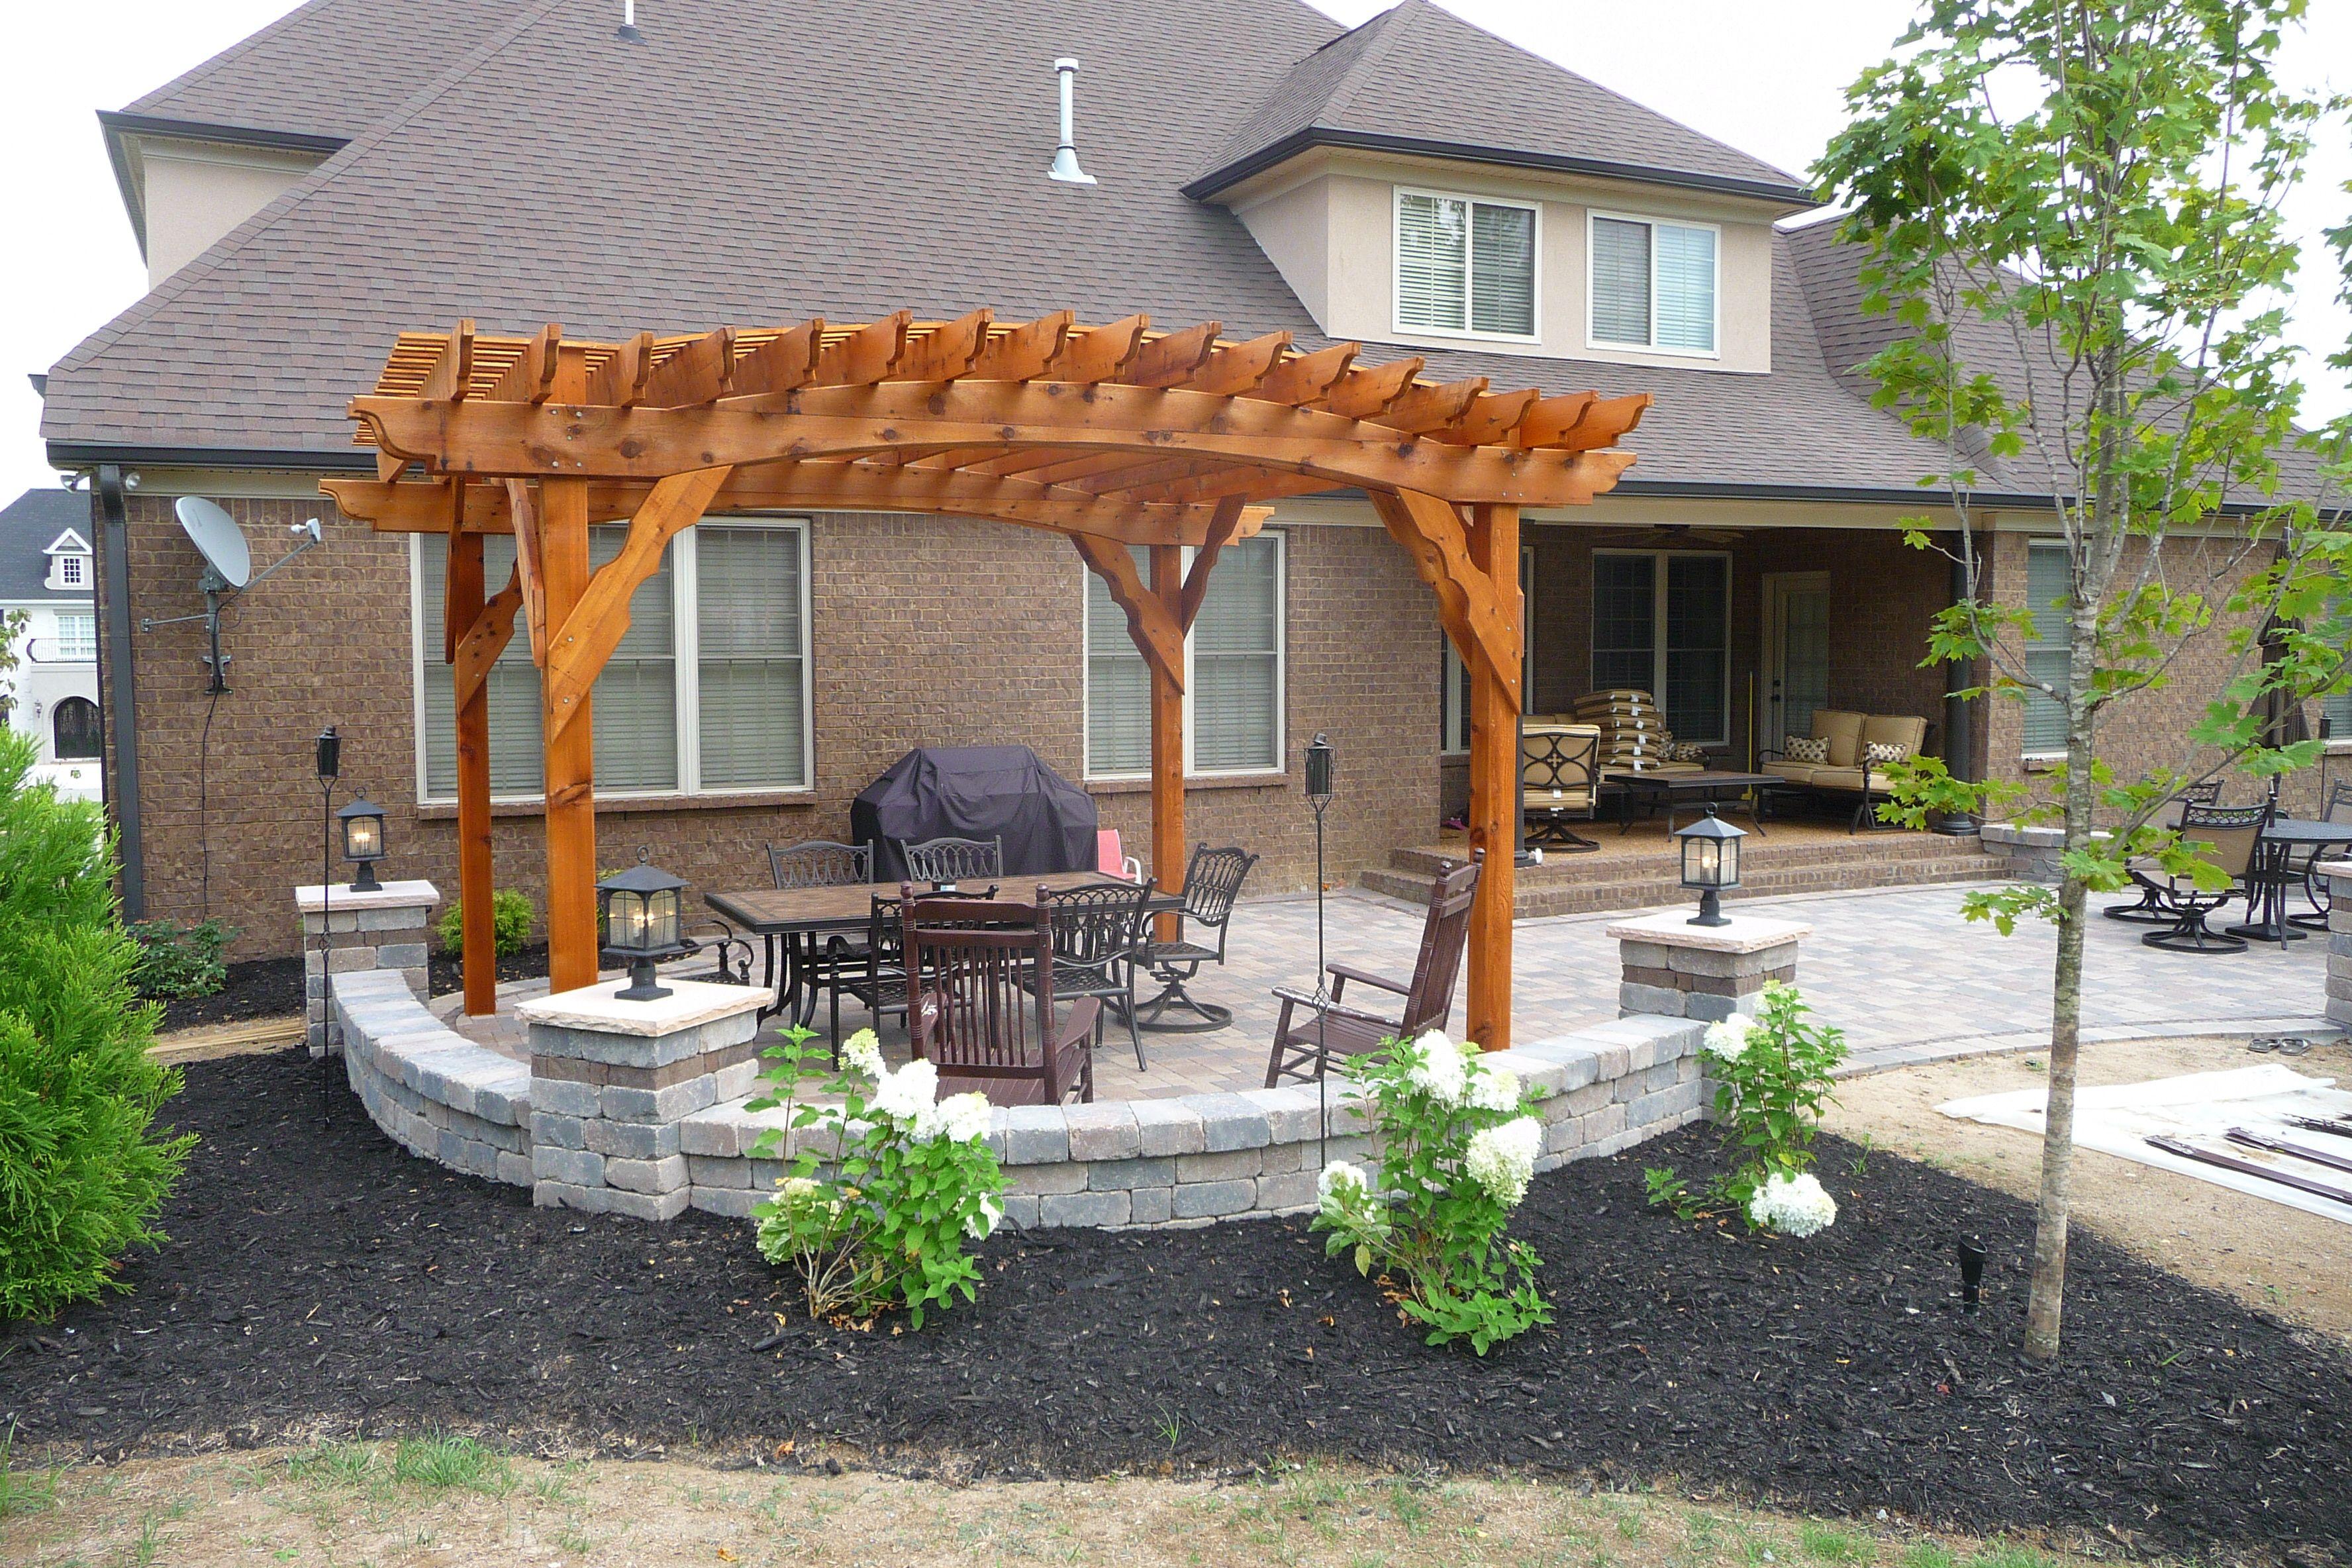 Western Red Cedar Pergola & Paver Patio | Backyard patio ... on Red Paver Patio Ideas id=82953